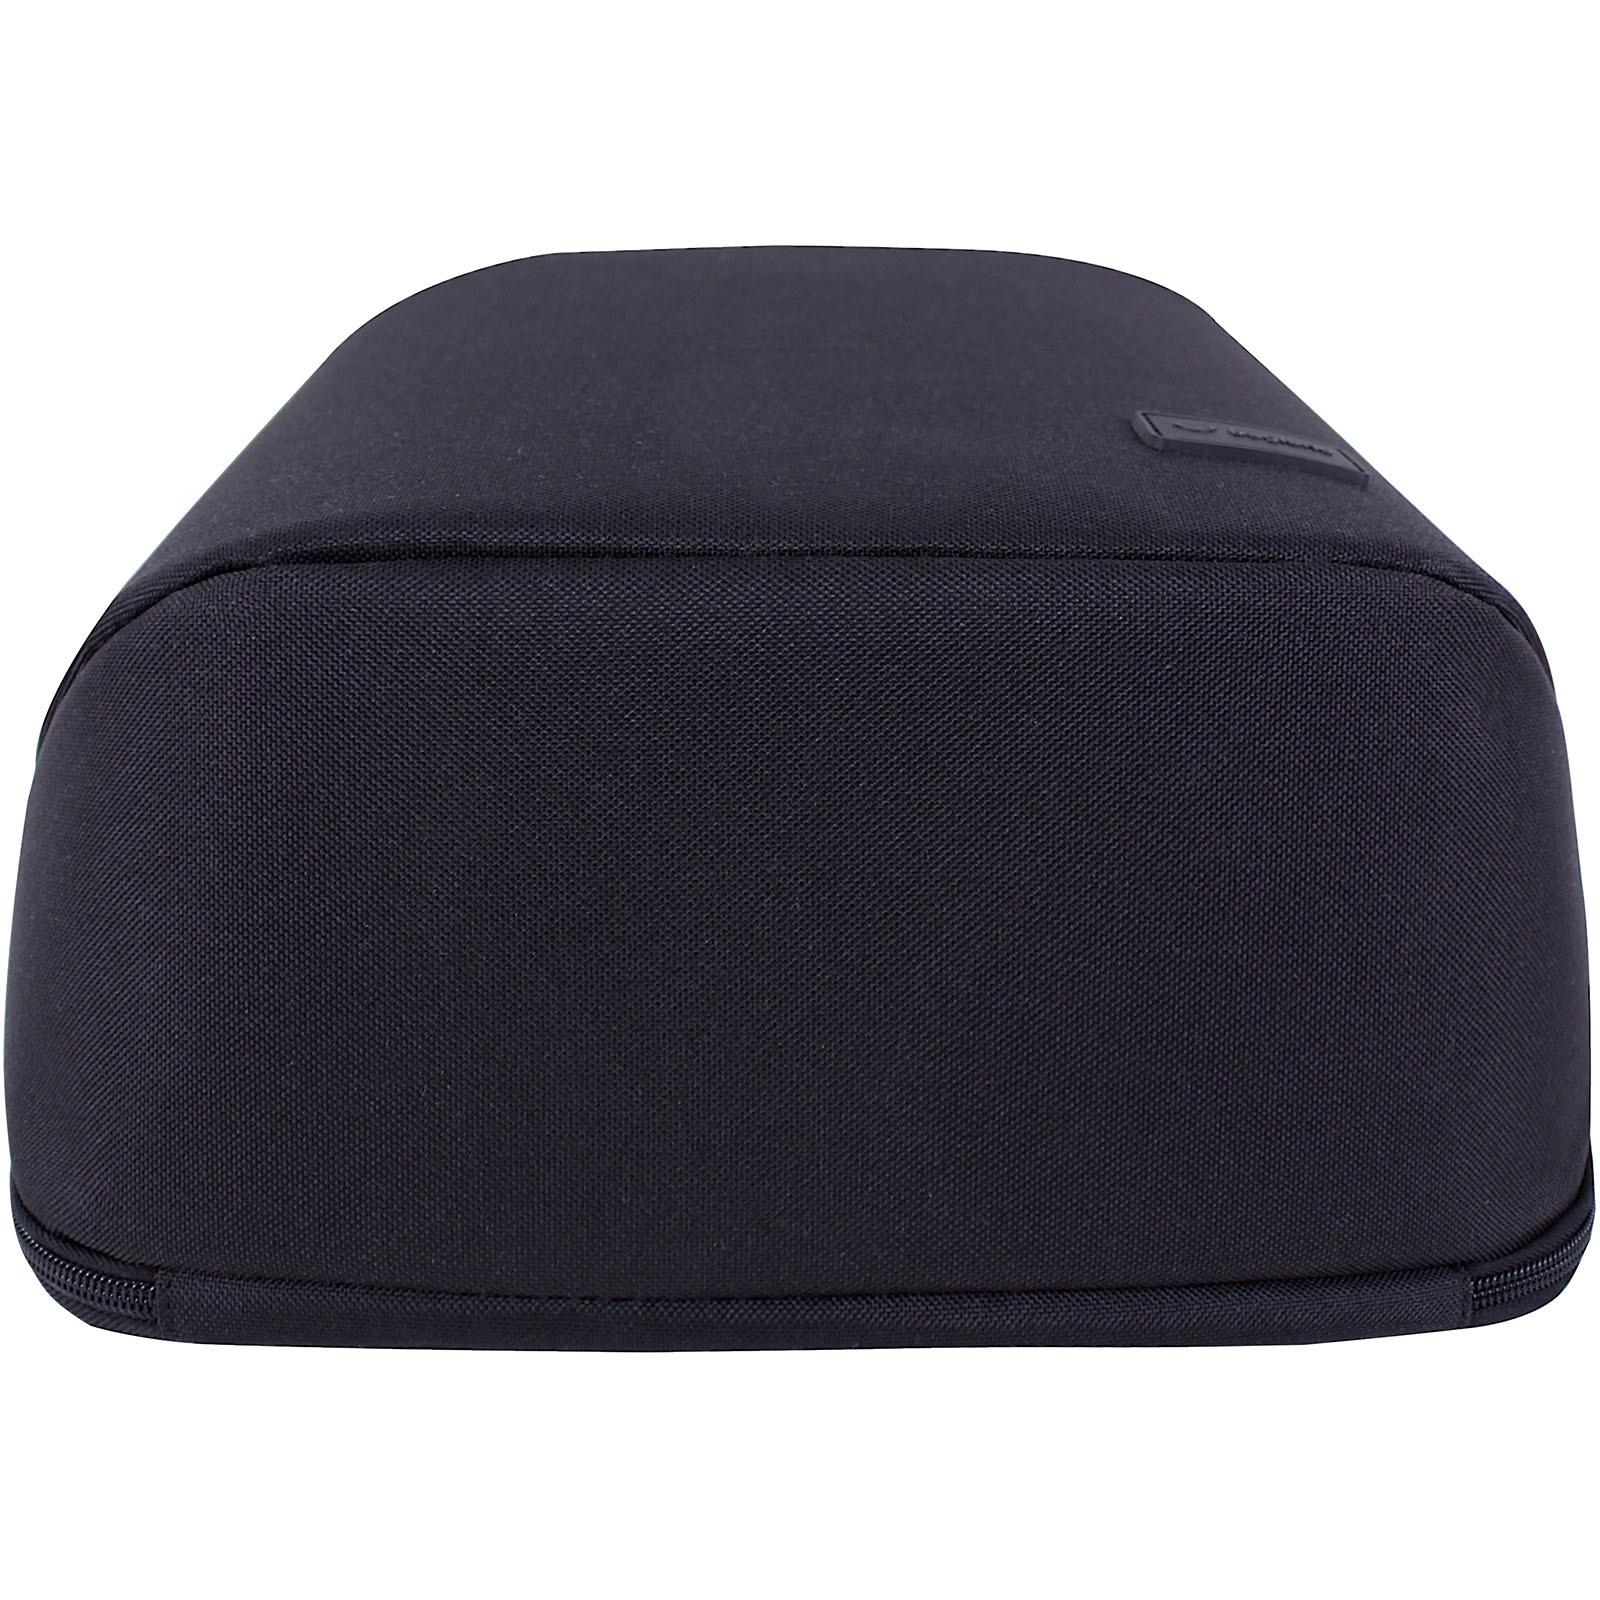 Рюкзак для ноутбука Bagland Shine 16 л. Чёрный (0058166) фото 5